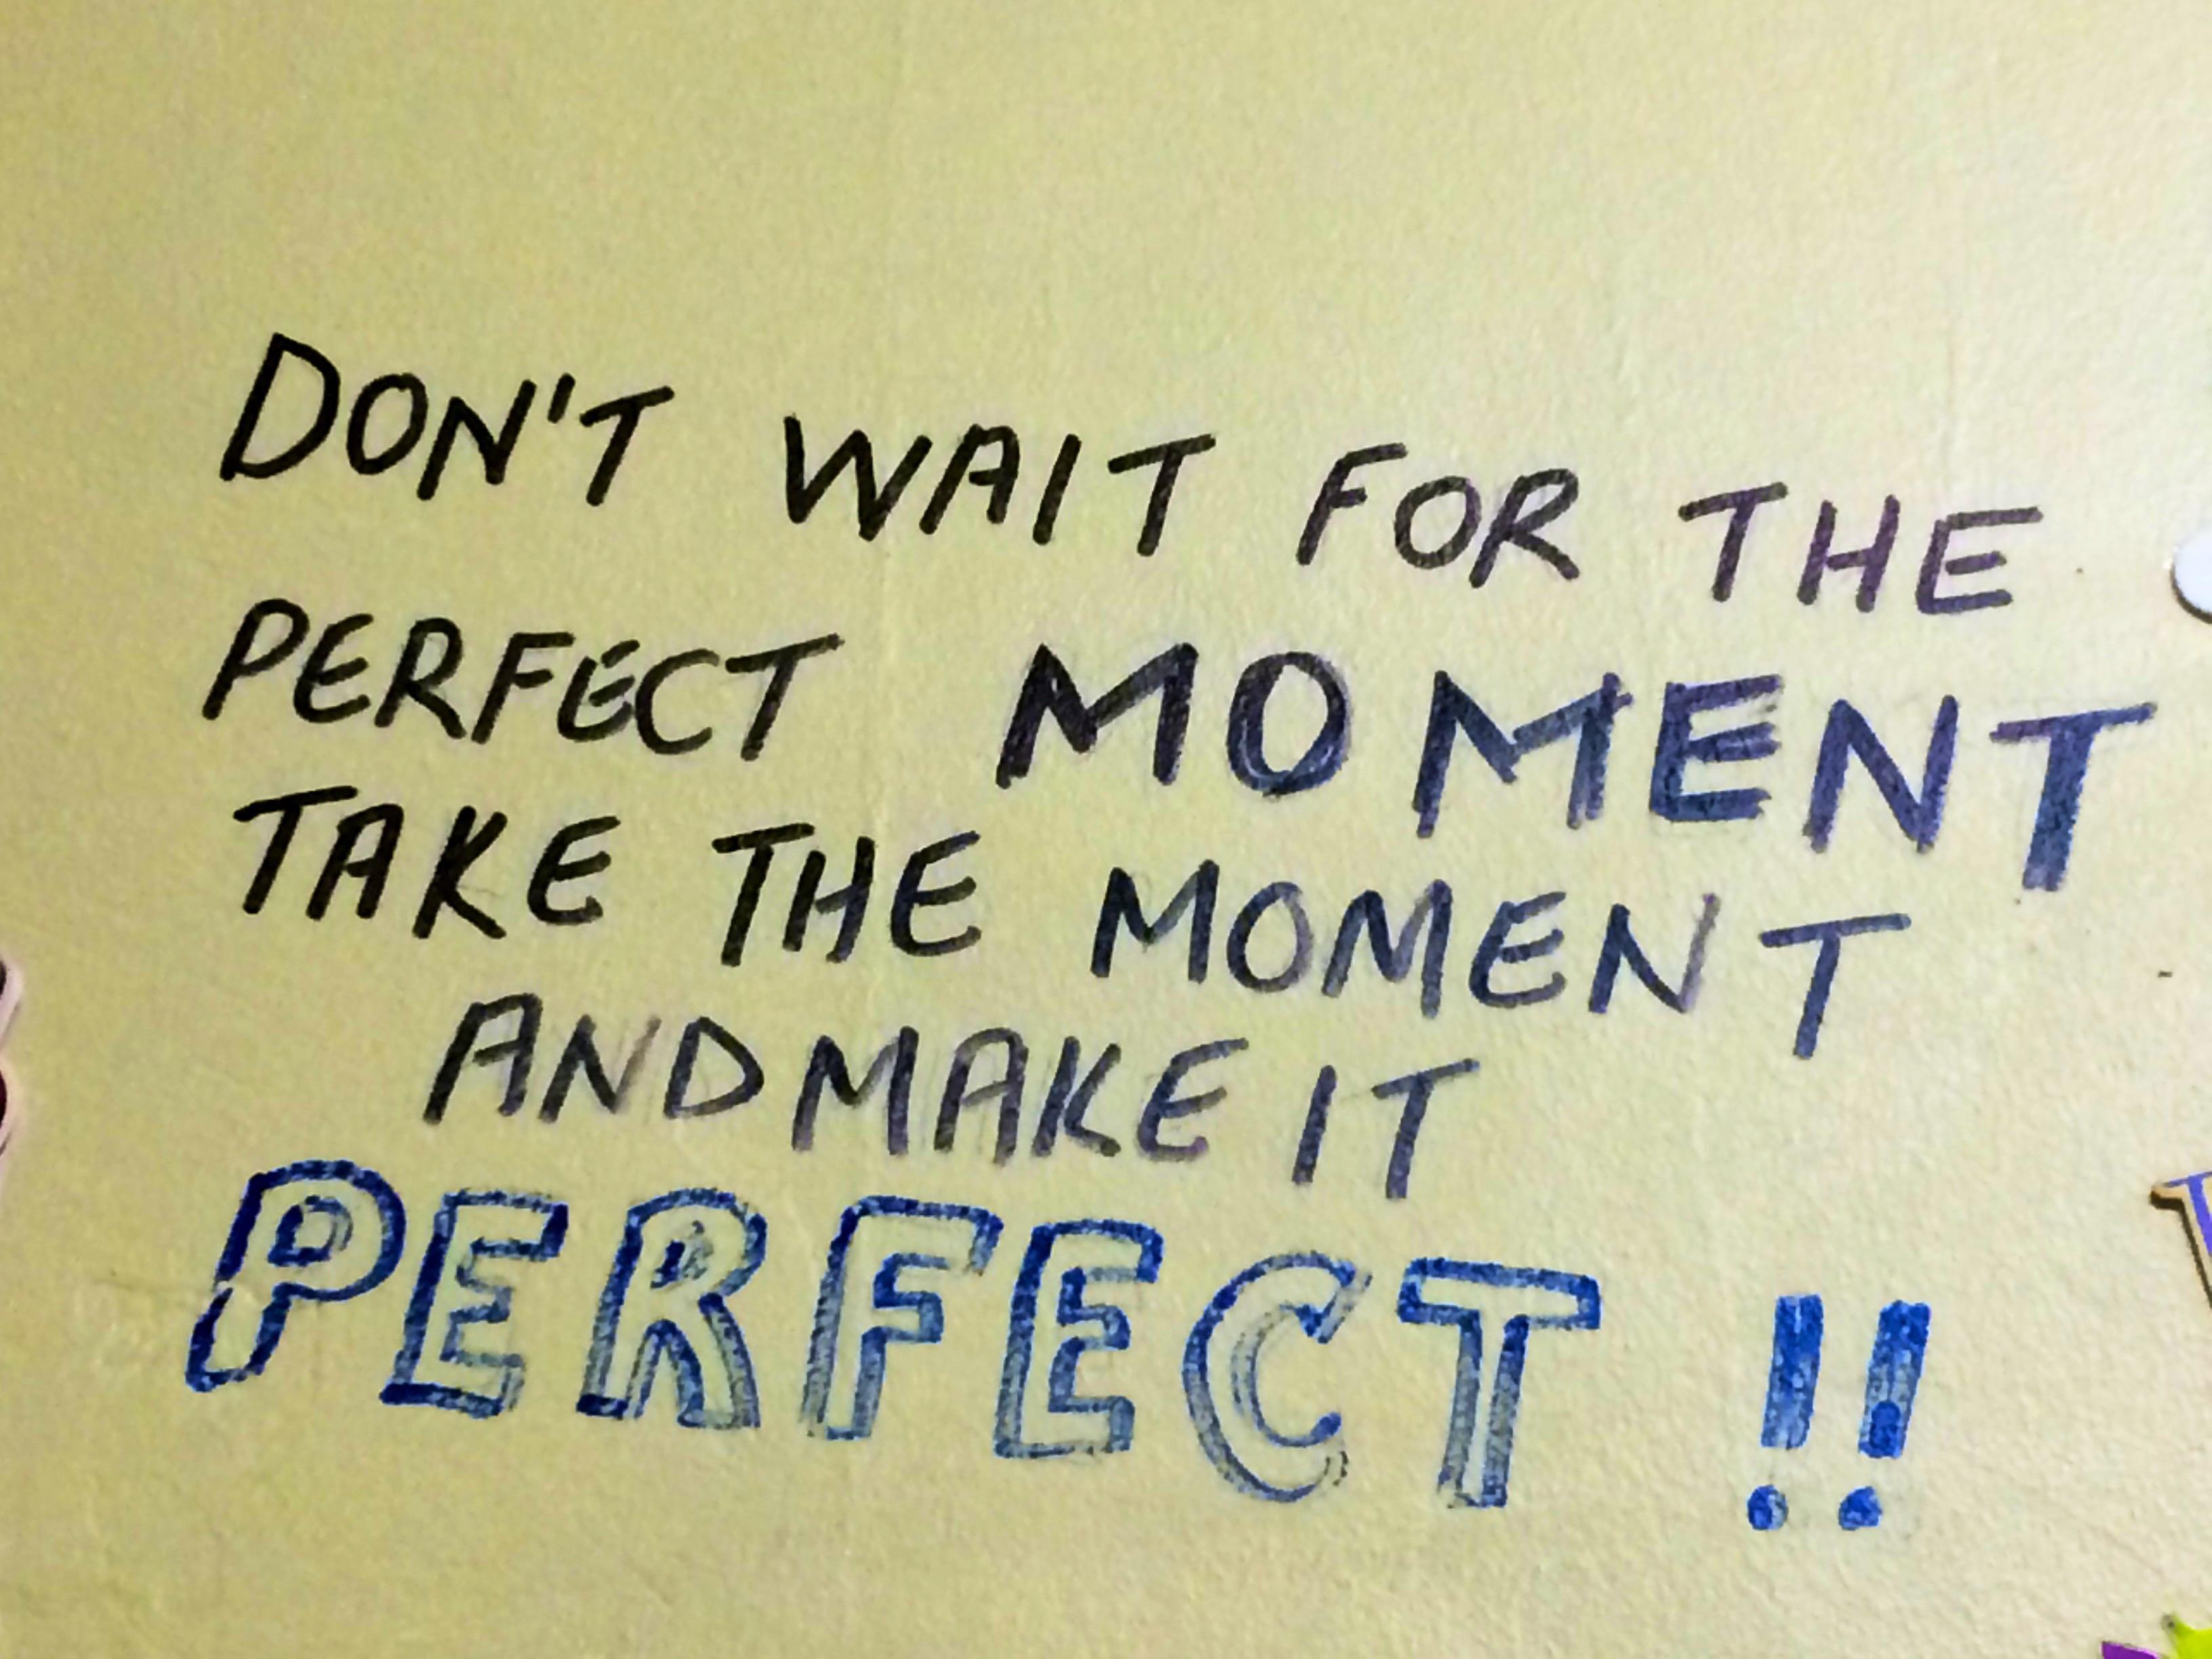 Ne pas attendre le moment parfait, c'est à vous de le créer !